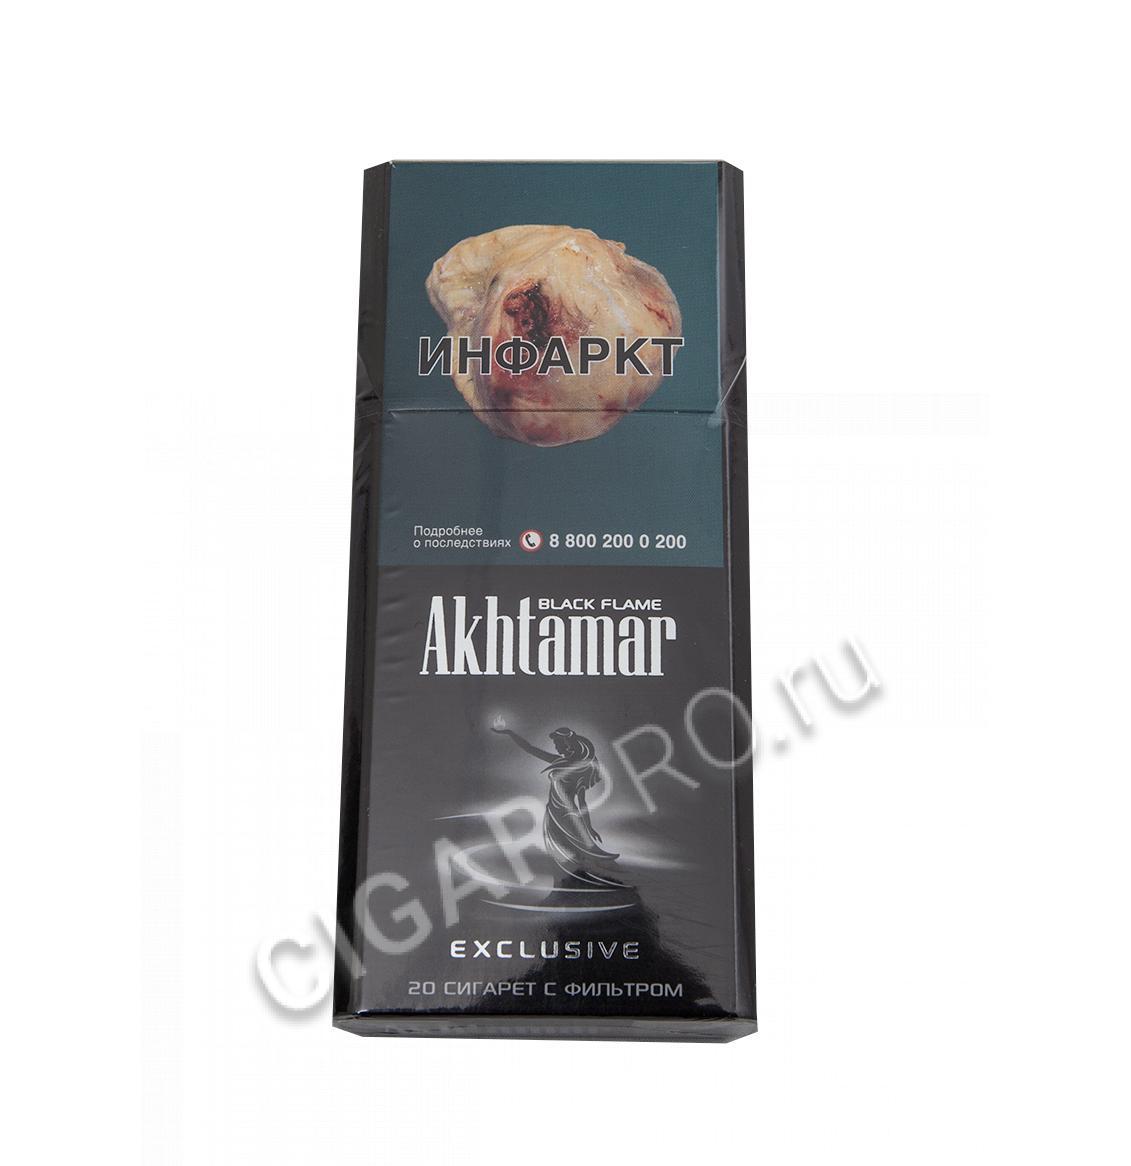 Сигареты ахтамар блэк флейм эксклюзив купить в москве купить сигареты из белоруссии в санкт петербурге